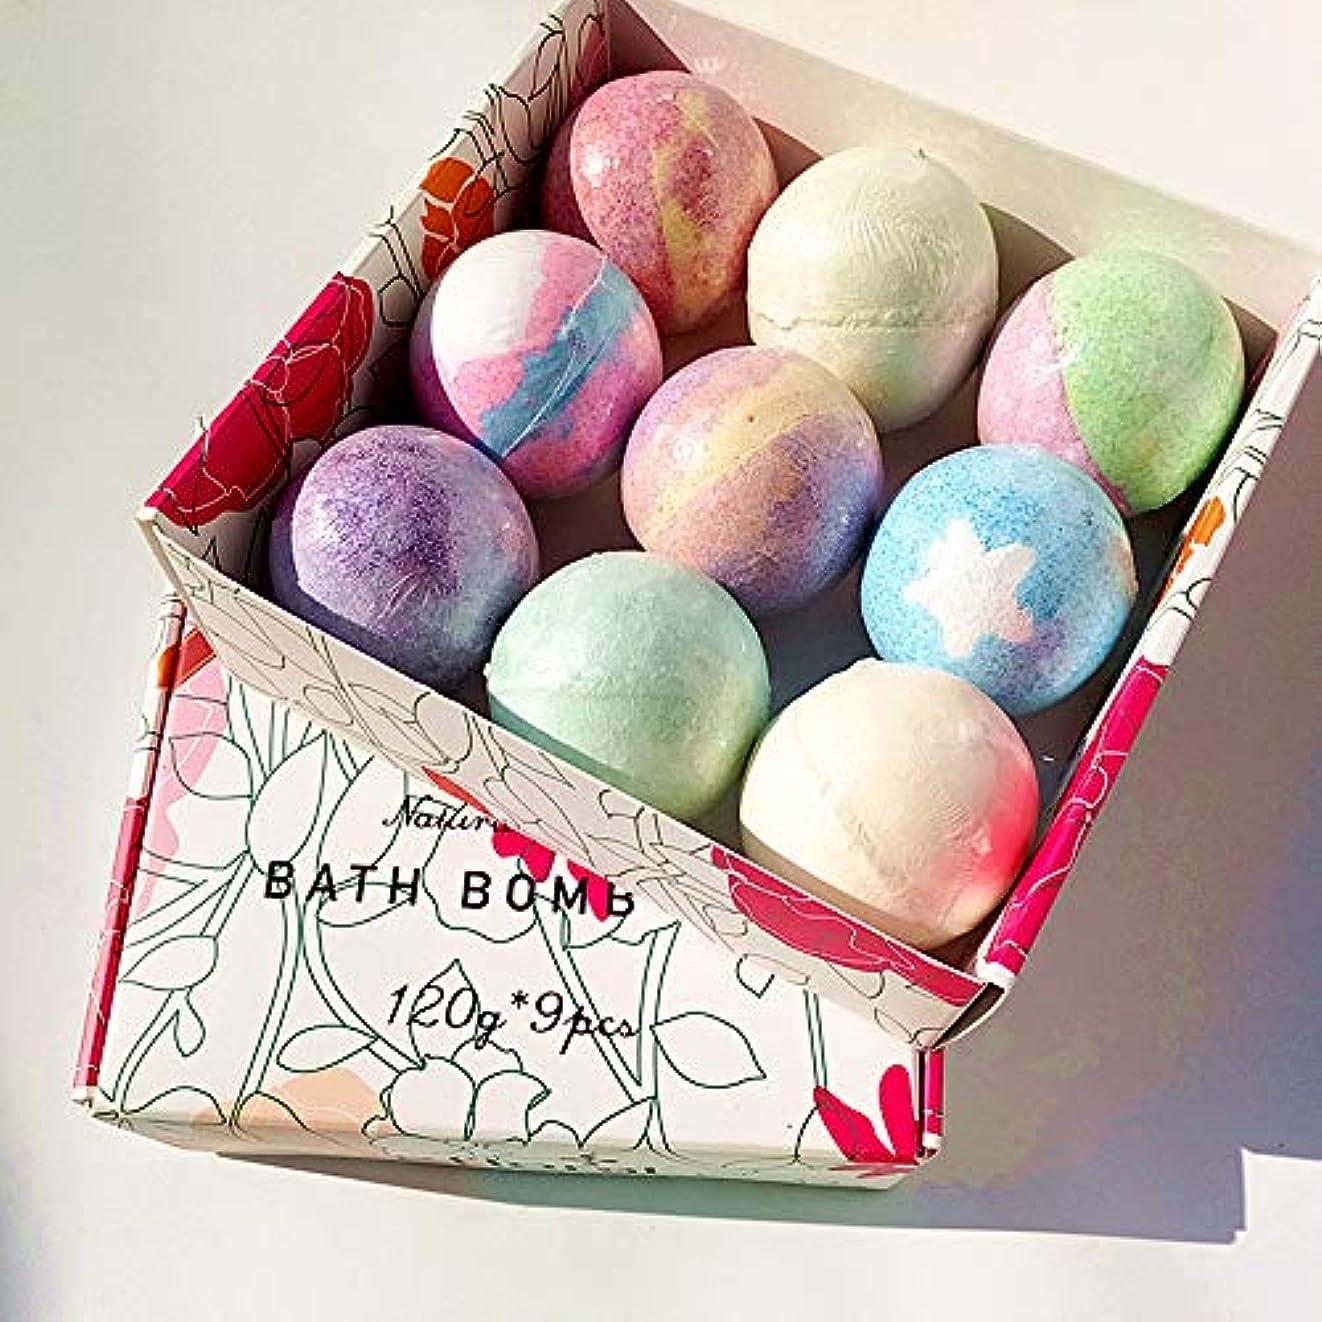 示すアンティークツールバスボム 炭酸 入浴剤 ギフト 手作り お風呂用 9つの香りキット 天然素材 カラフル バスボール 母の日 プレゼント